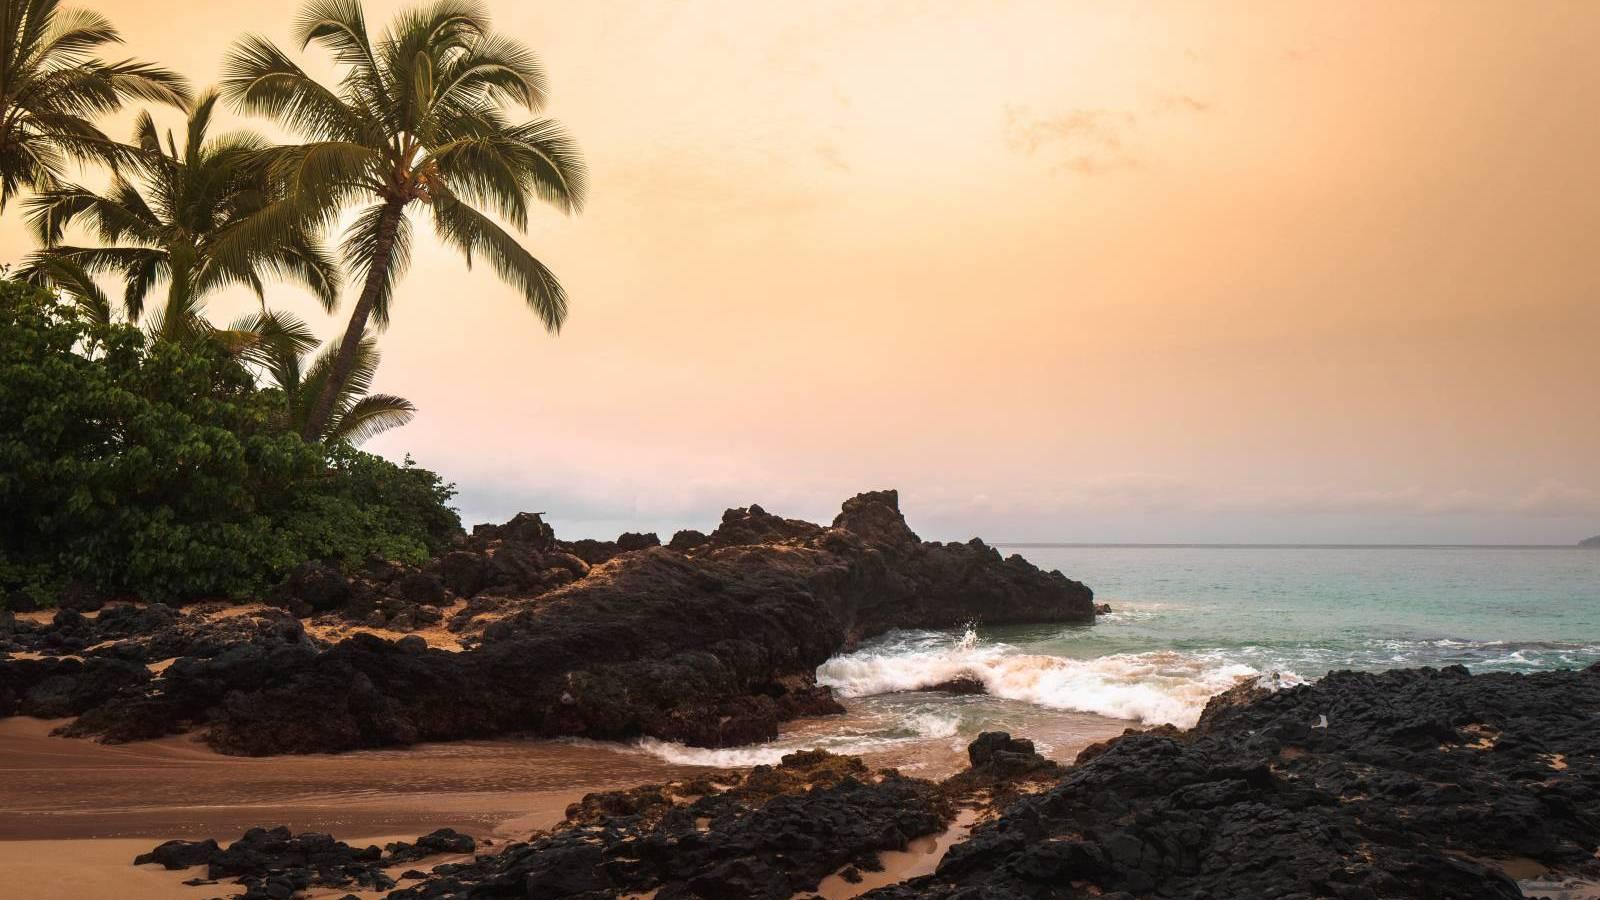 beautiful oahu hawaii beach at sunset